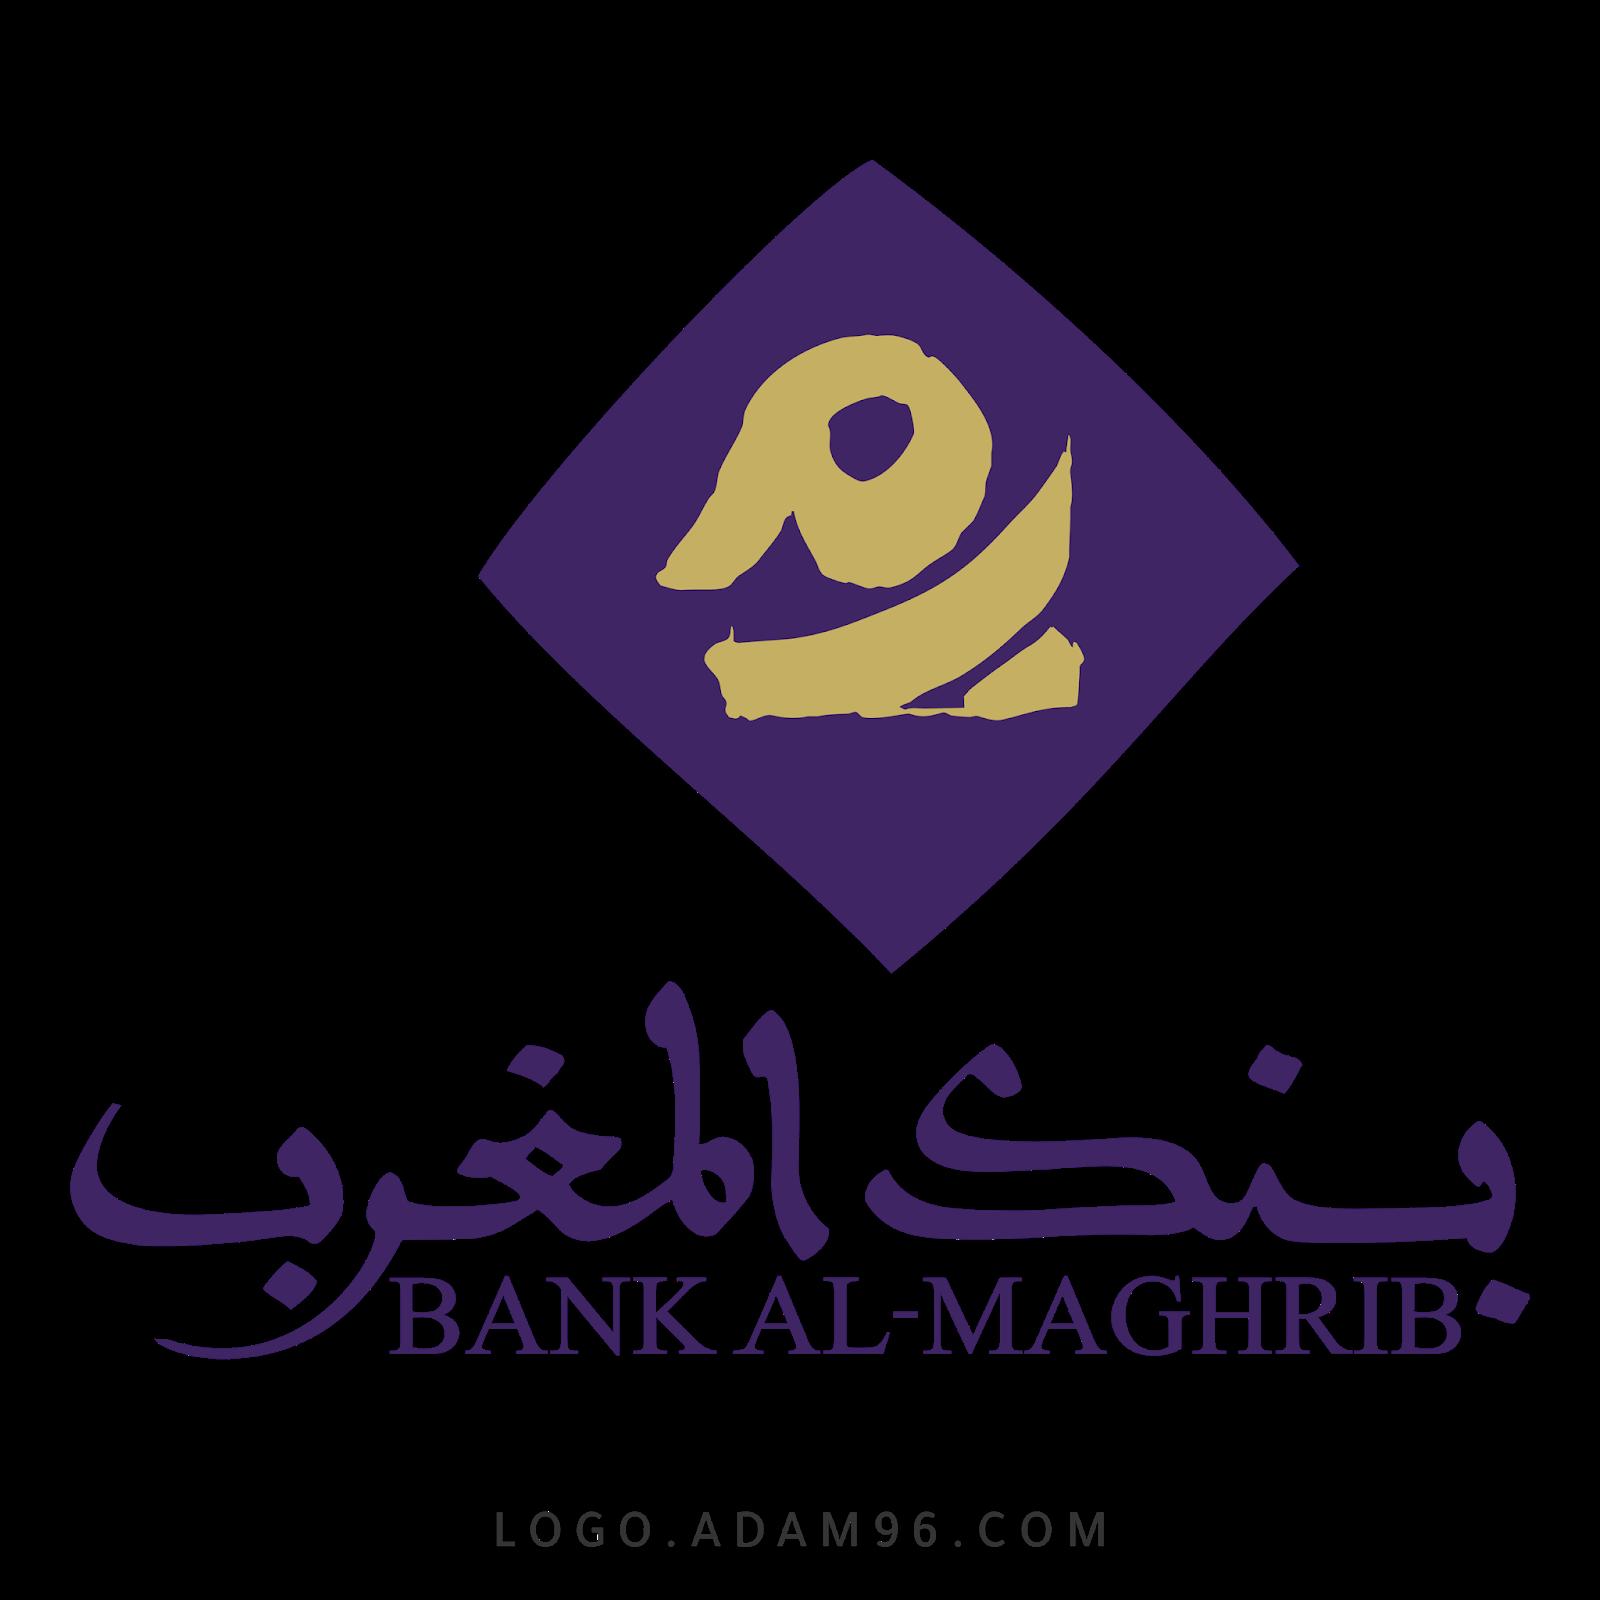 تحميل شعار بنك المغرب Logo bank al maghrib Png